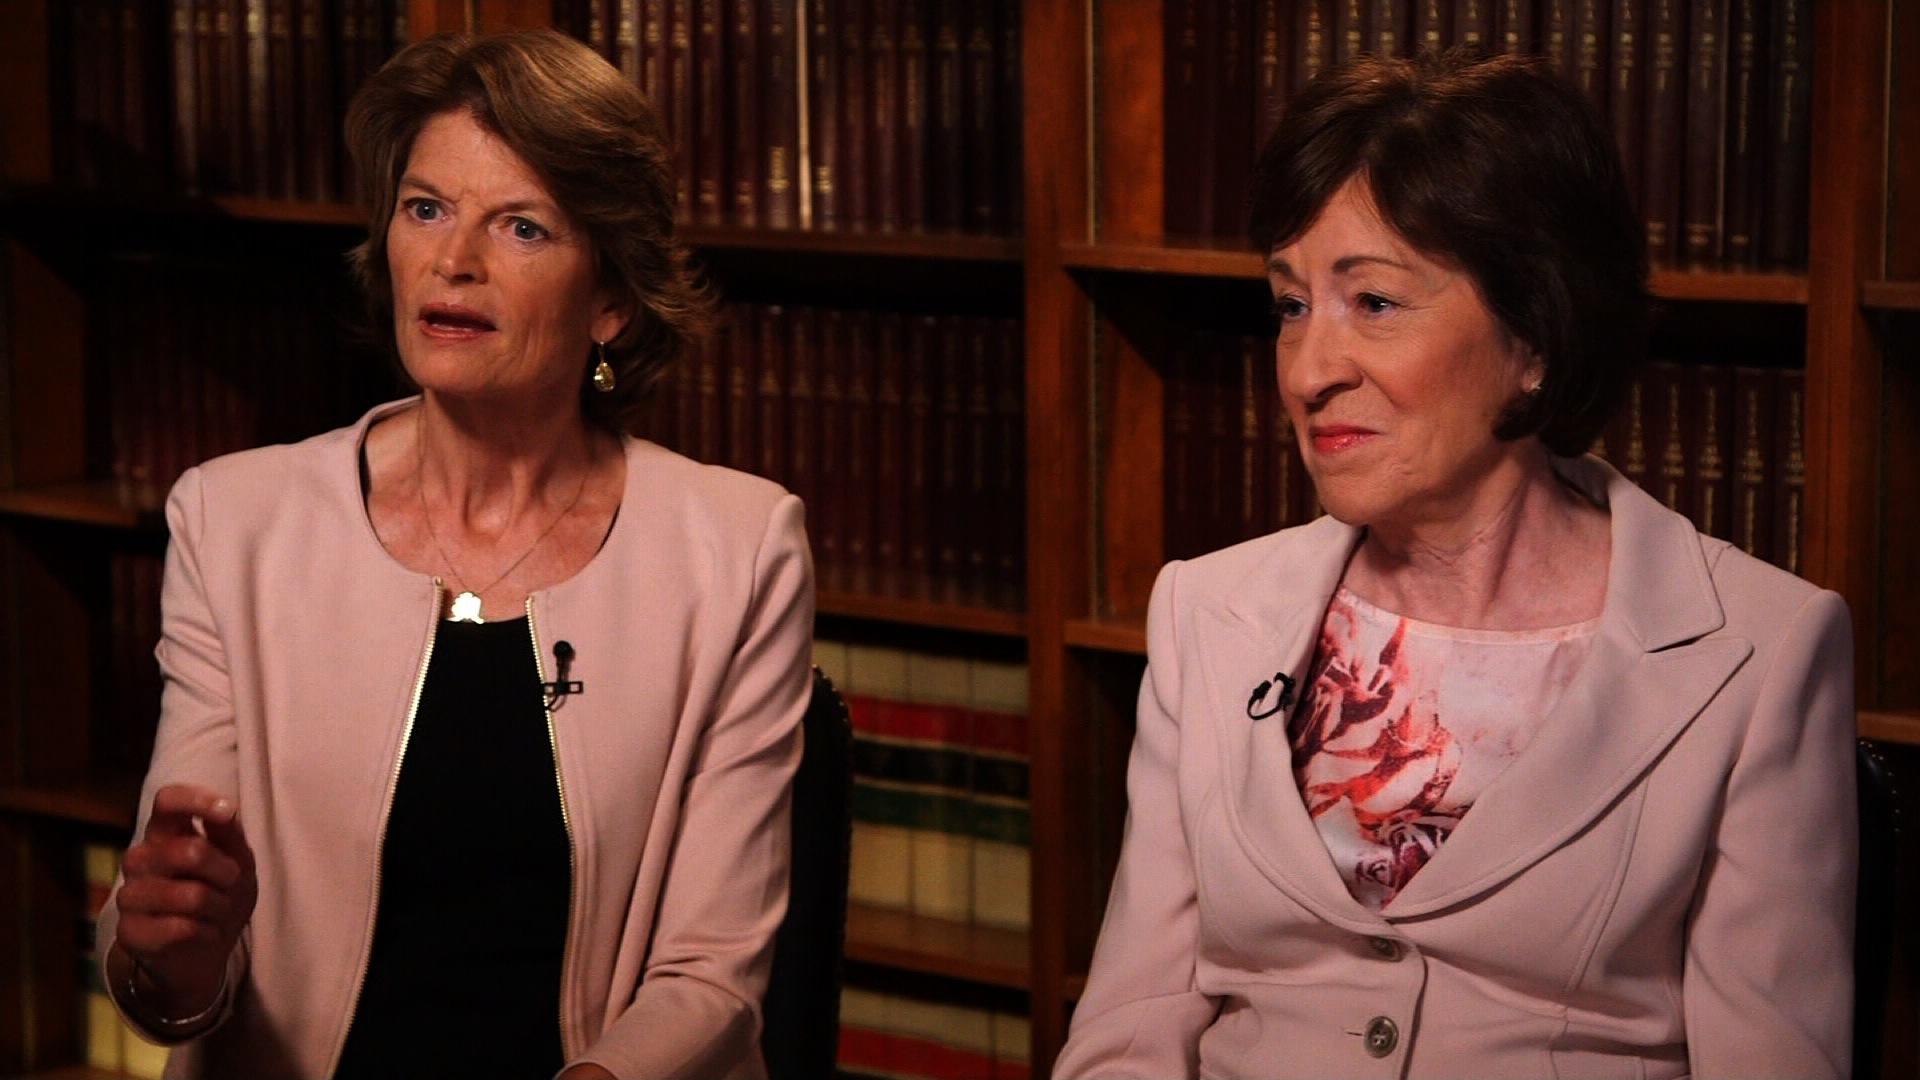 Image result for photos of senator collins and lisa murkowski